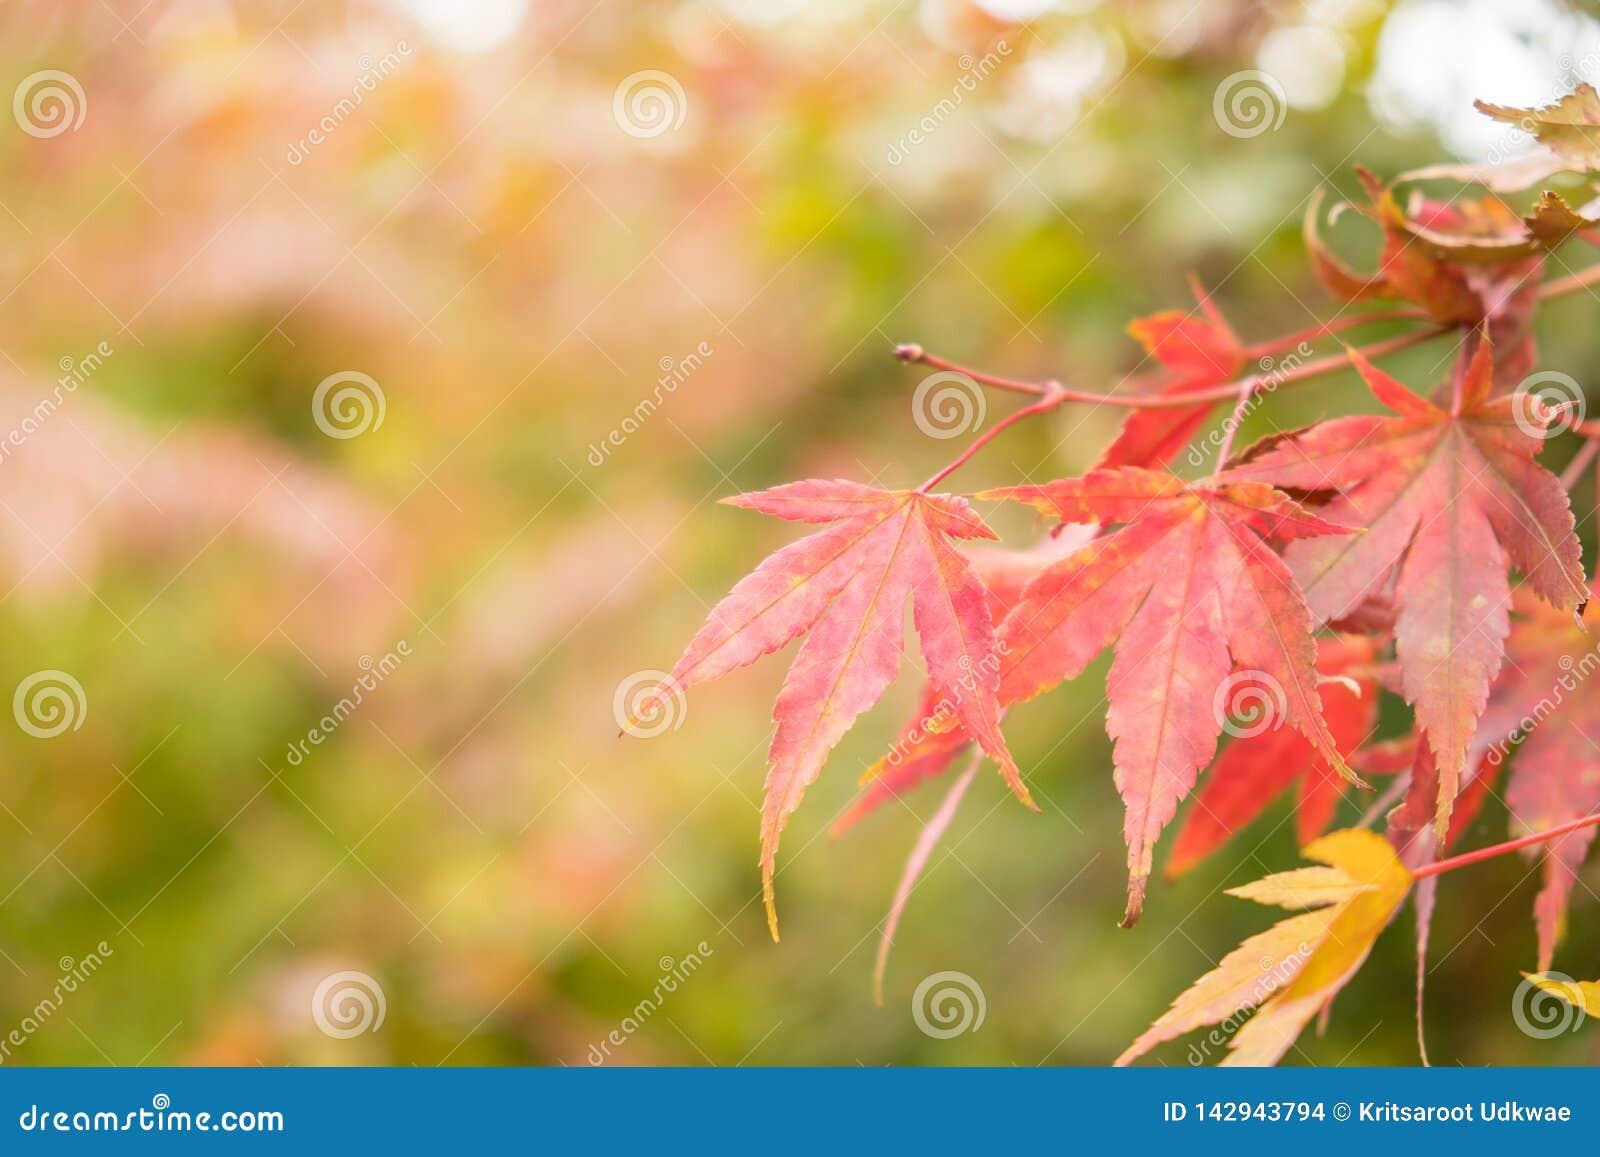 Folhas de bordo vermelhas com fundo do borrão na estação do outono